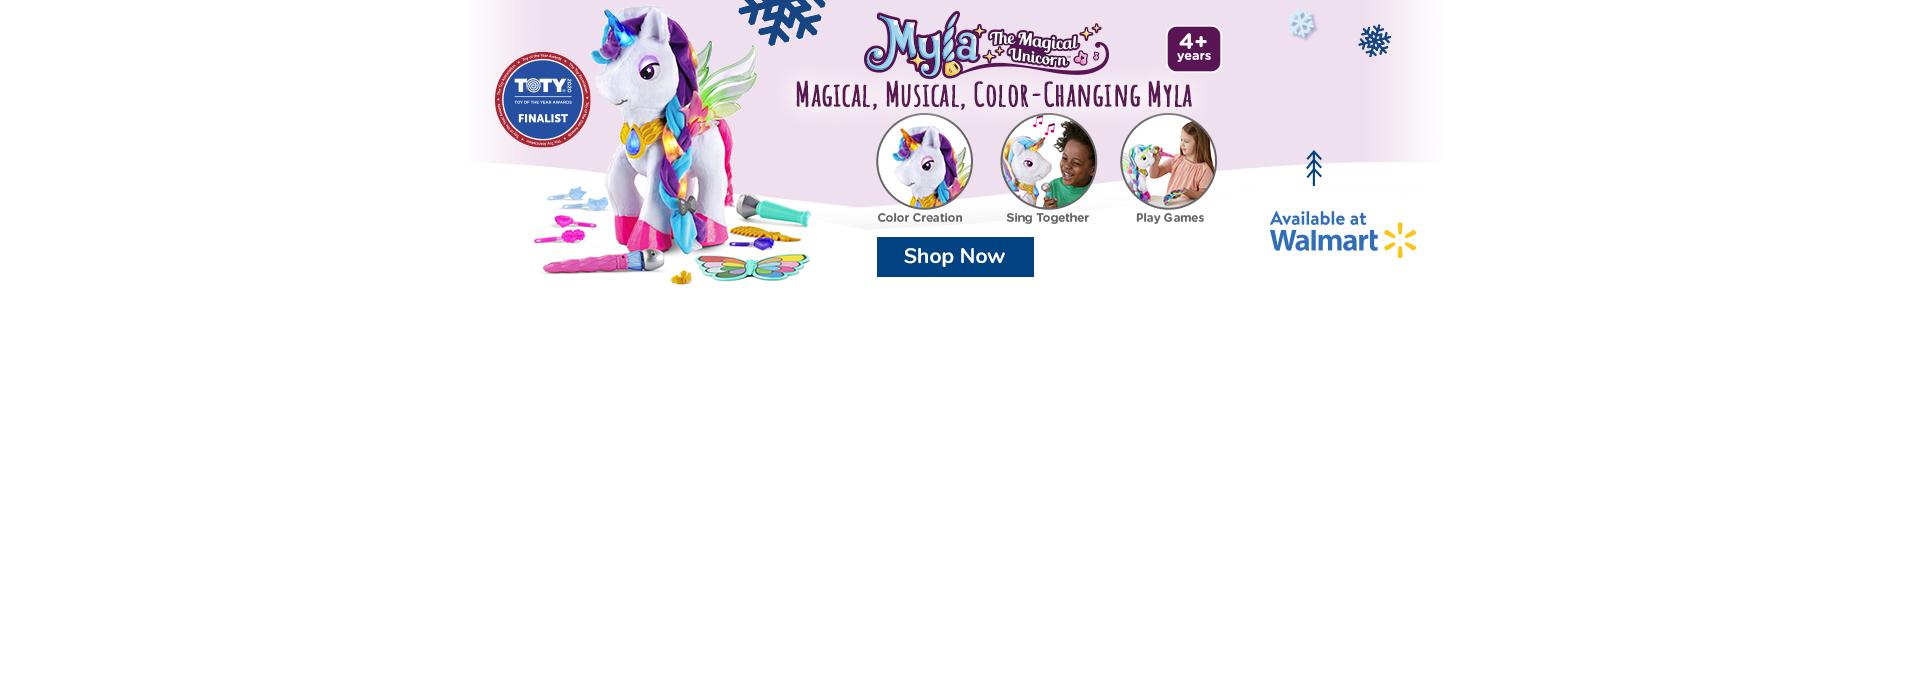 Myla - The Magical Unicorn - Buy Now at Walmart